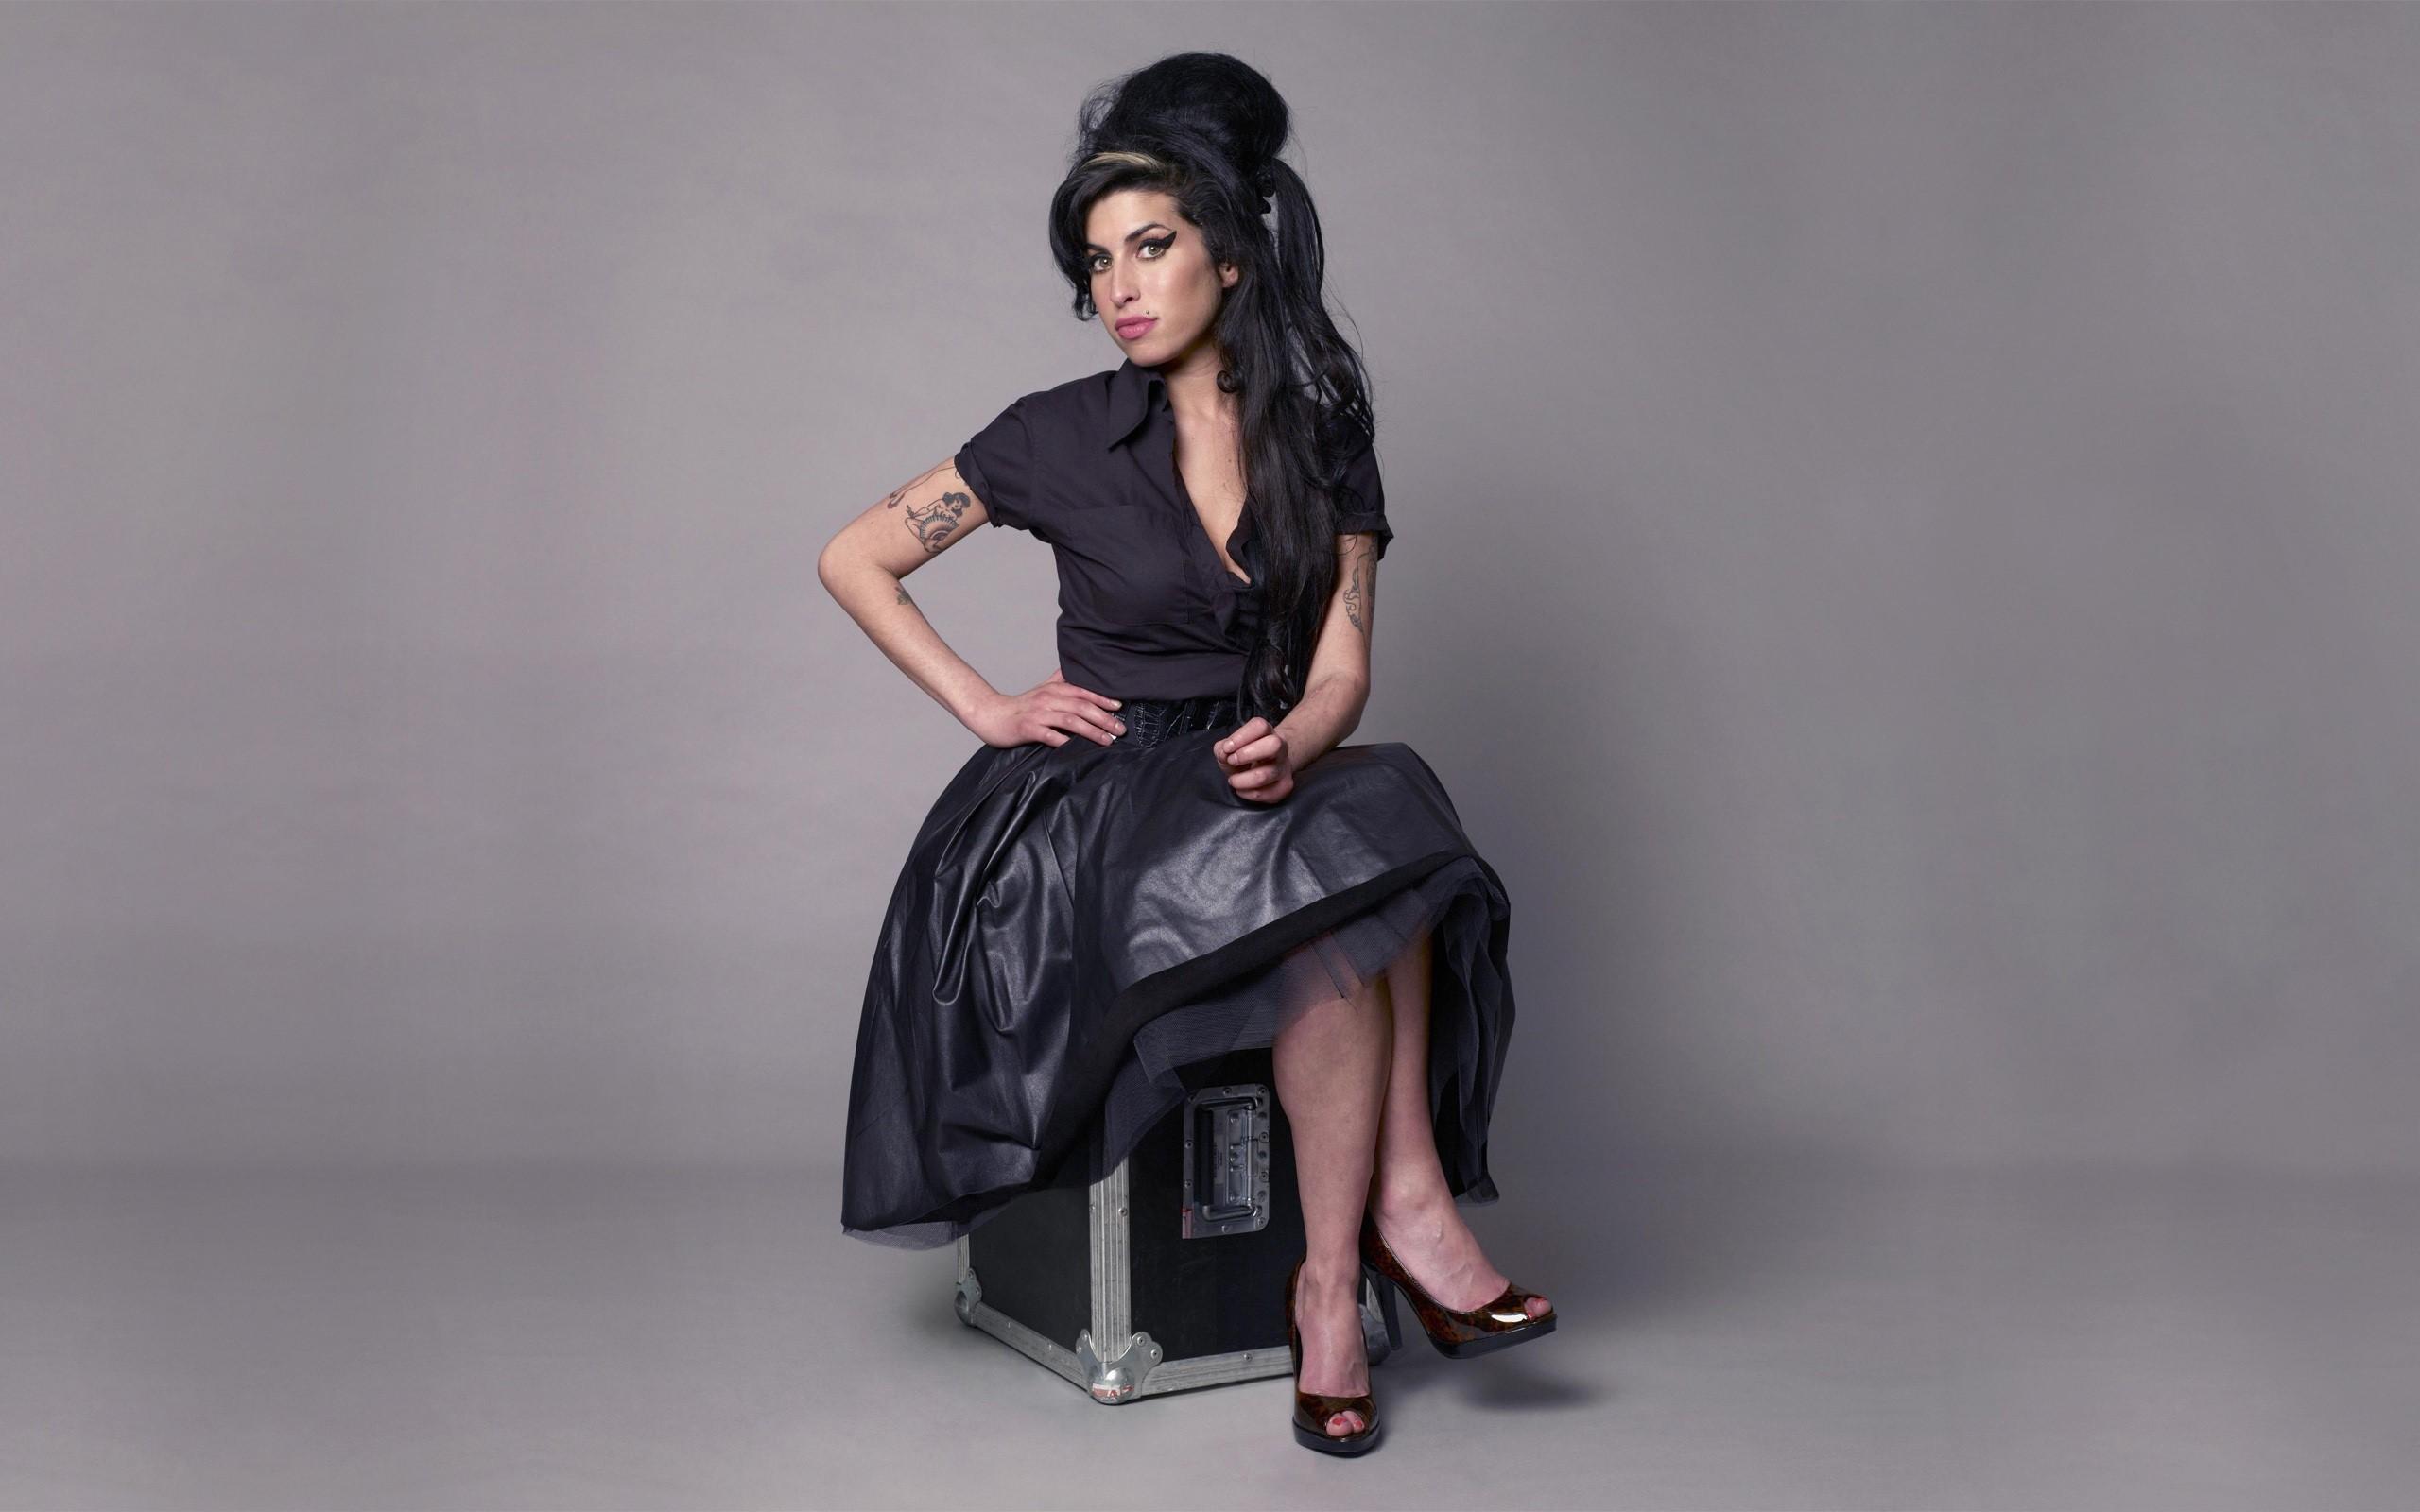 Amy Winehouse Background